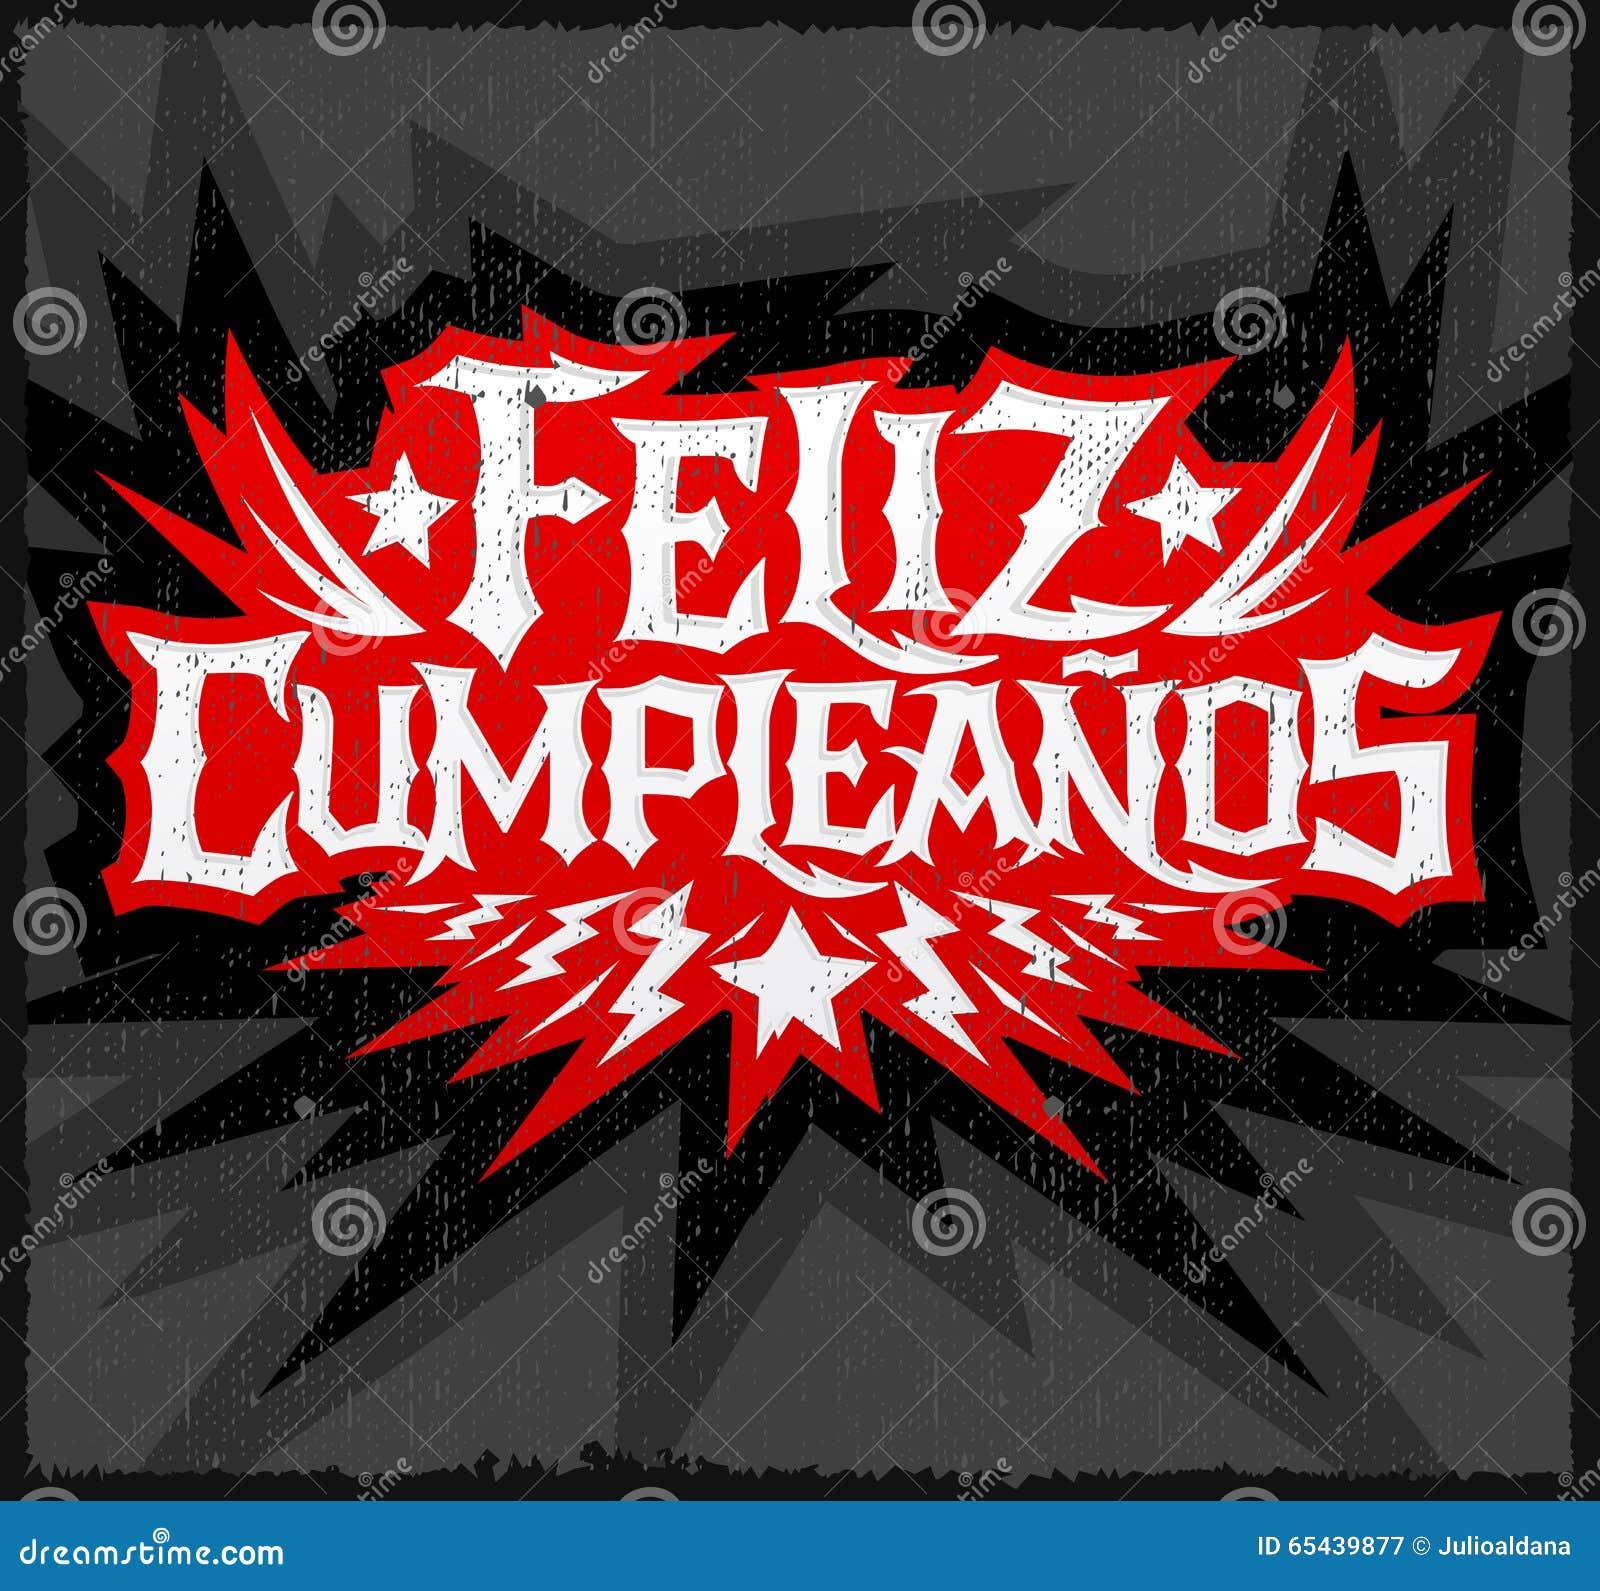 Feliz Cumpleanos - Happy Birthday Spanish Text Stock Vector - Image ...